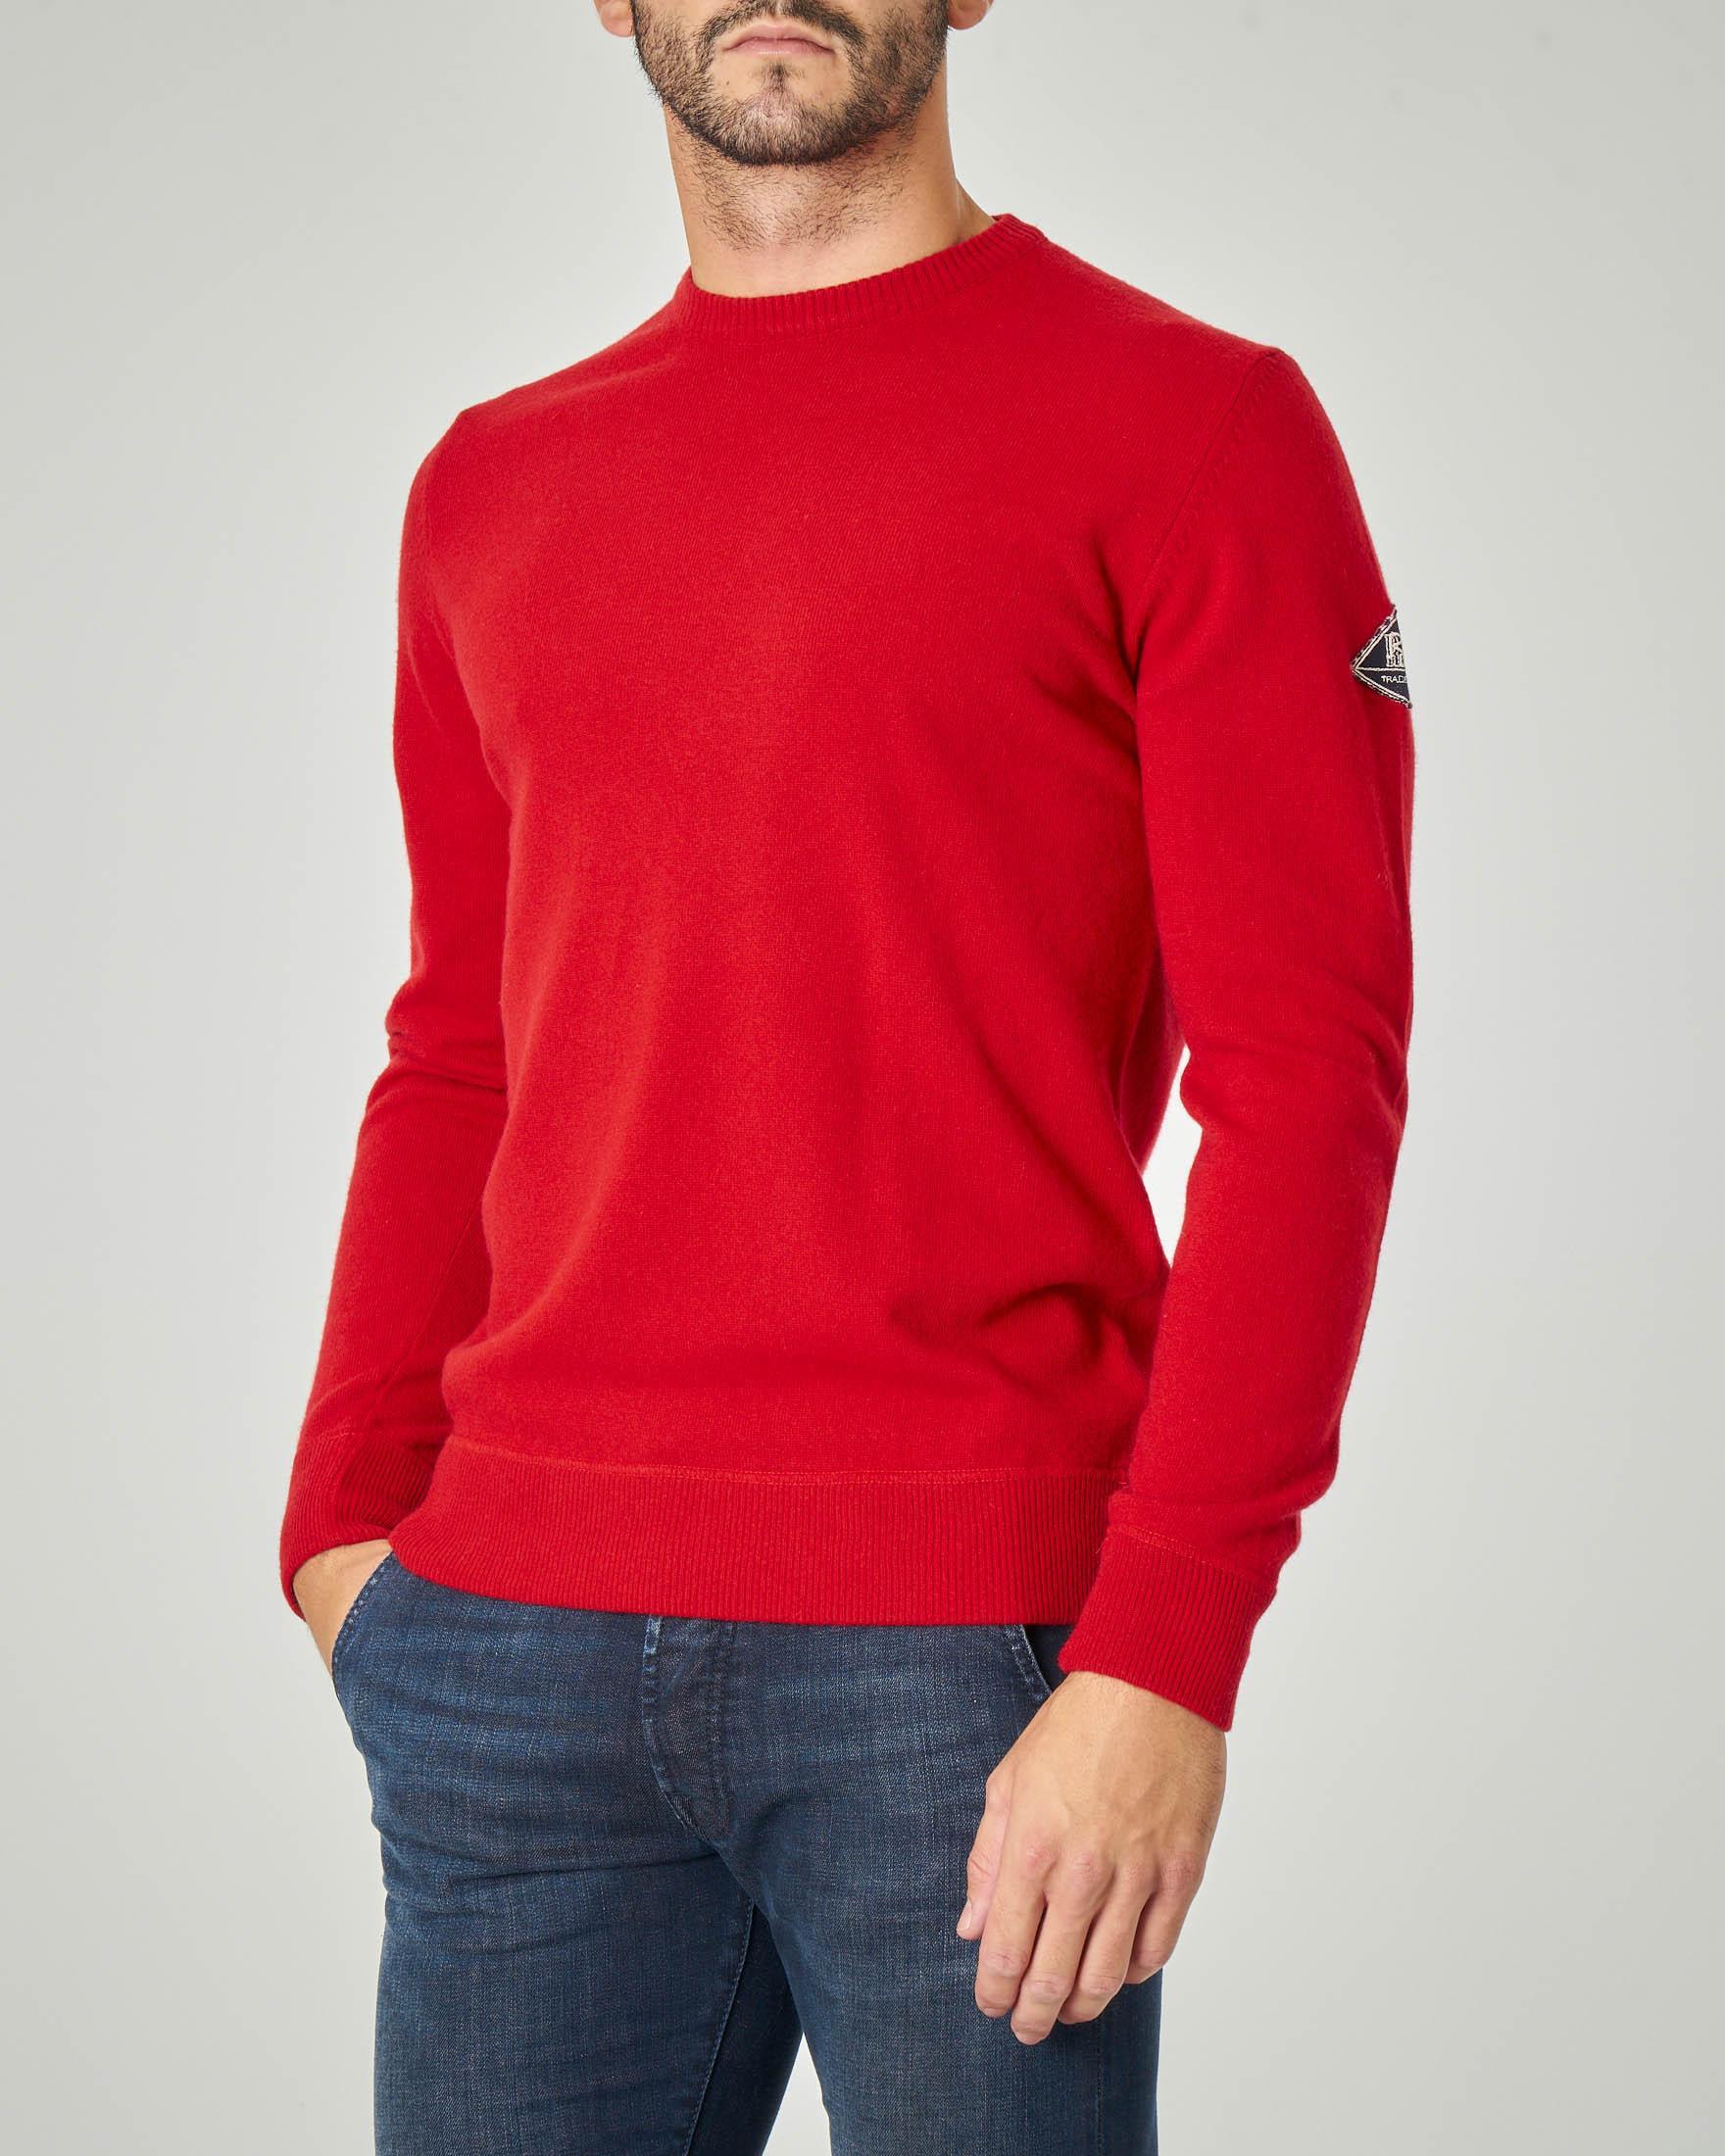 Maglia rossa girocollo in lana, viscosa e cachemire